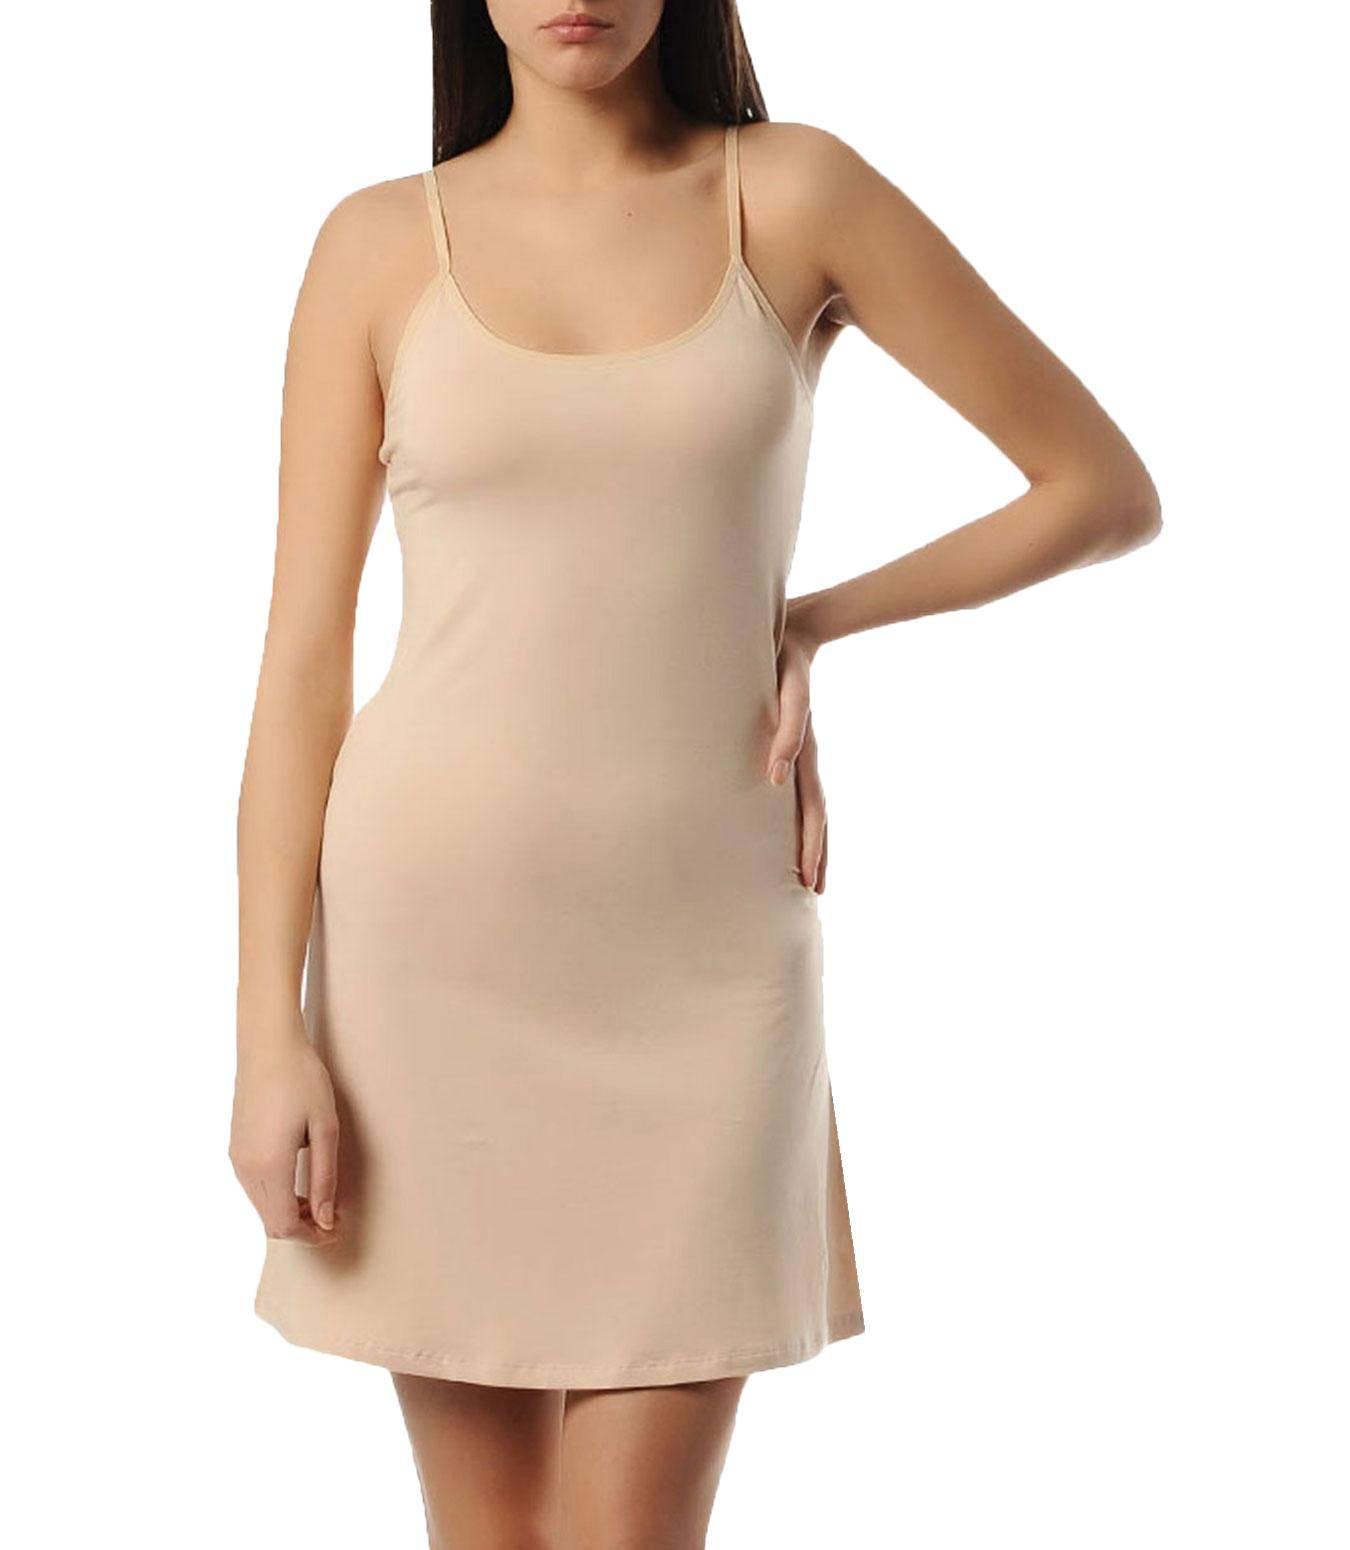 Unterkleid Hemdrock Antistatisch Damen Unterröcke Unterkleidung Beige KC85